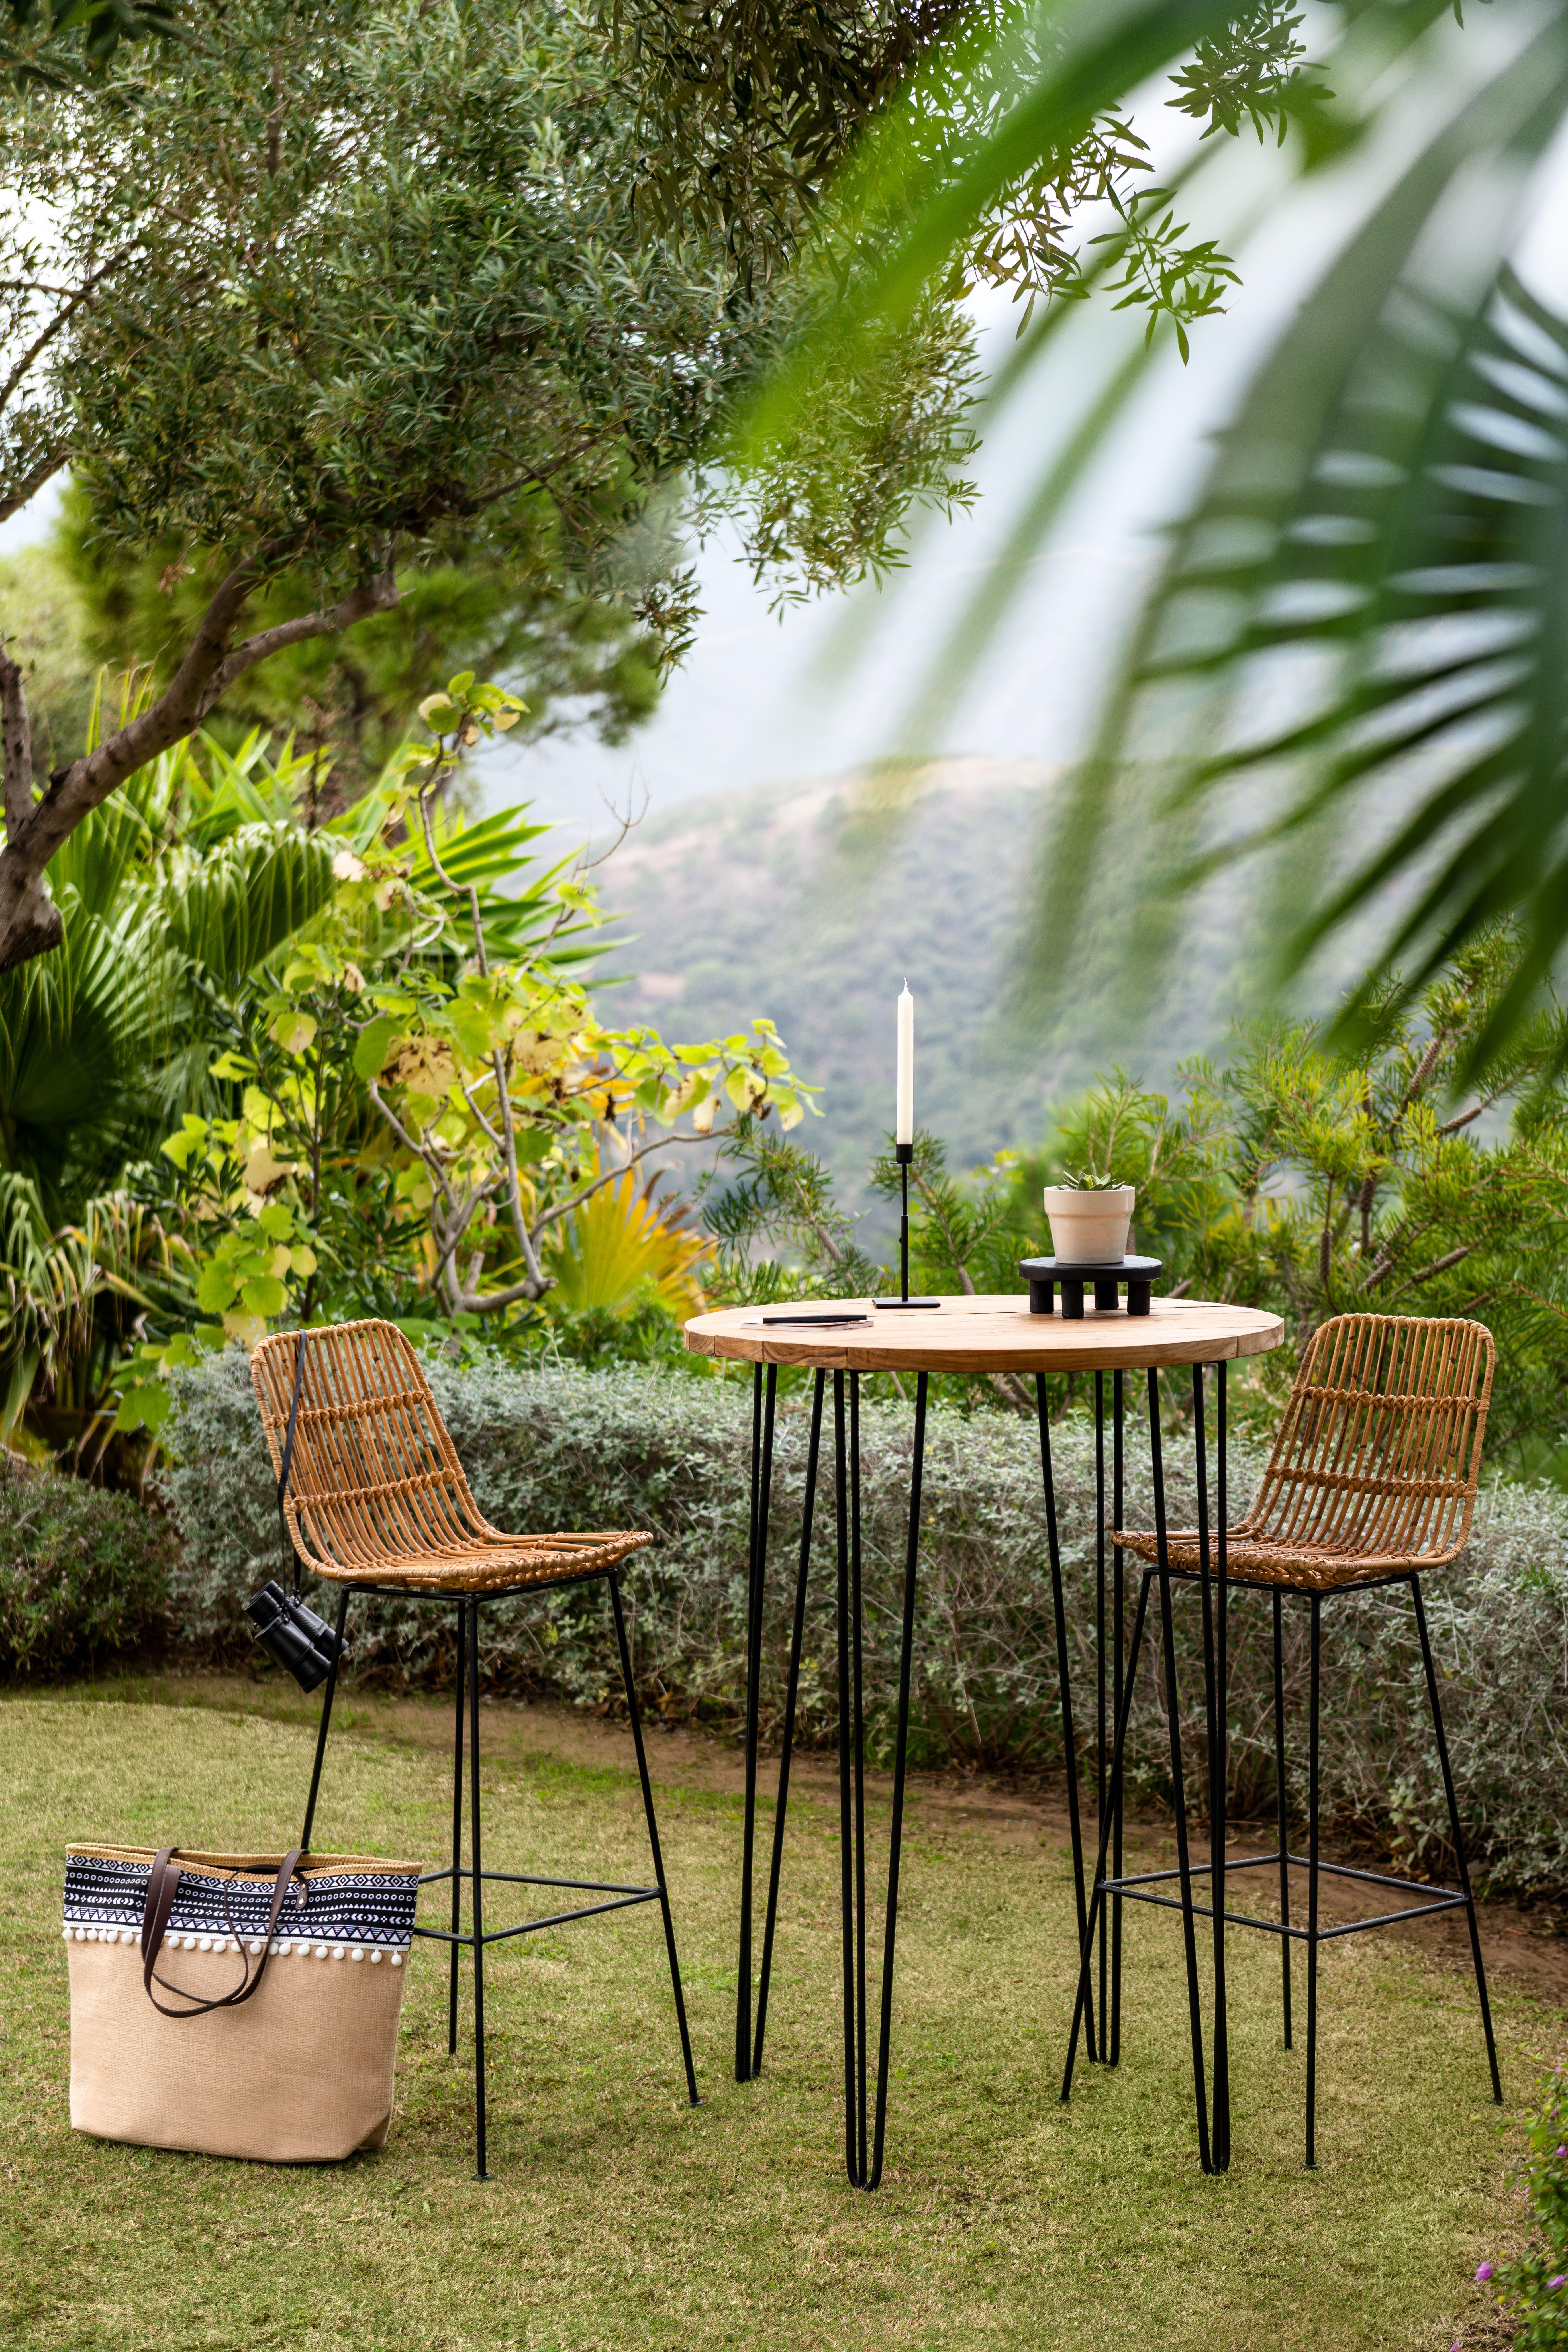 Soldes 2020 Table Haute Sumatra Noire Et Naturelle Table De Jardin Mobilier De Jardin Jardin Et Plein Air Gifi Mobilier Jardin Decoration Jardin Mange Debout Exterieur